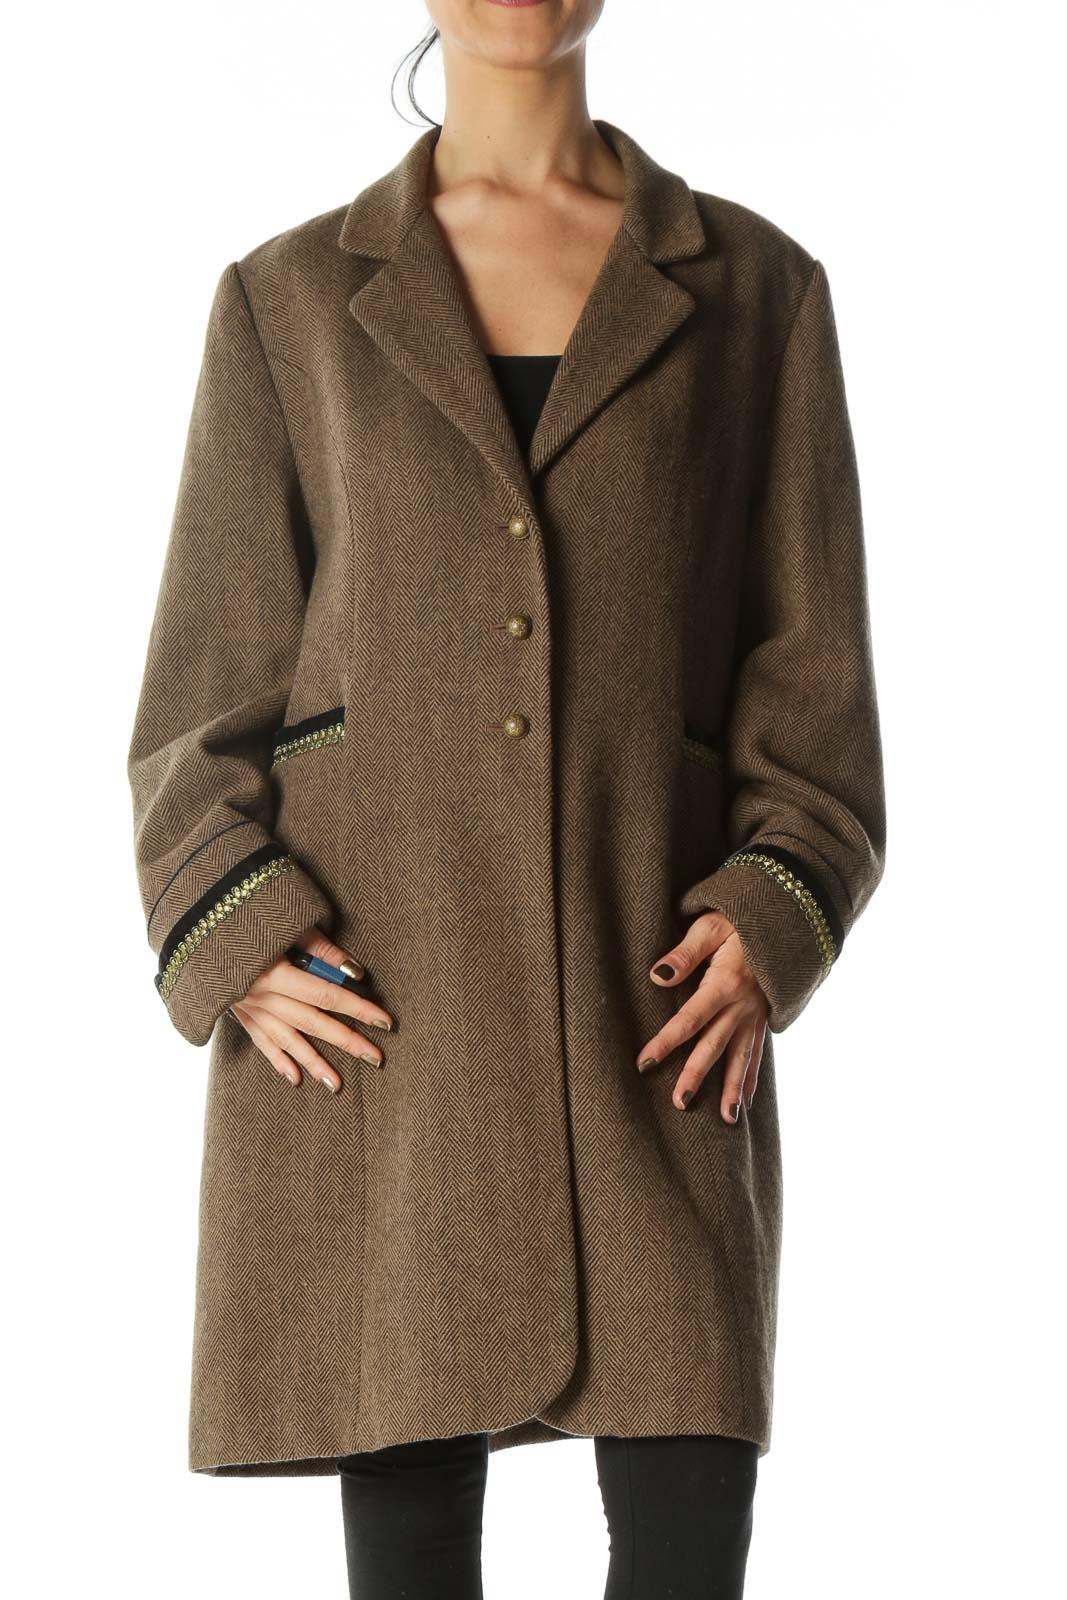 Brown Black Harringbone Metallic and Velvet Accents Coat Front